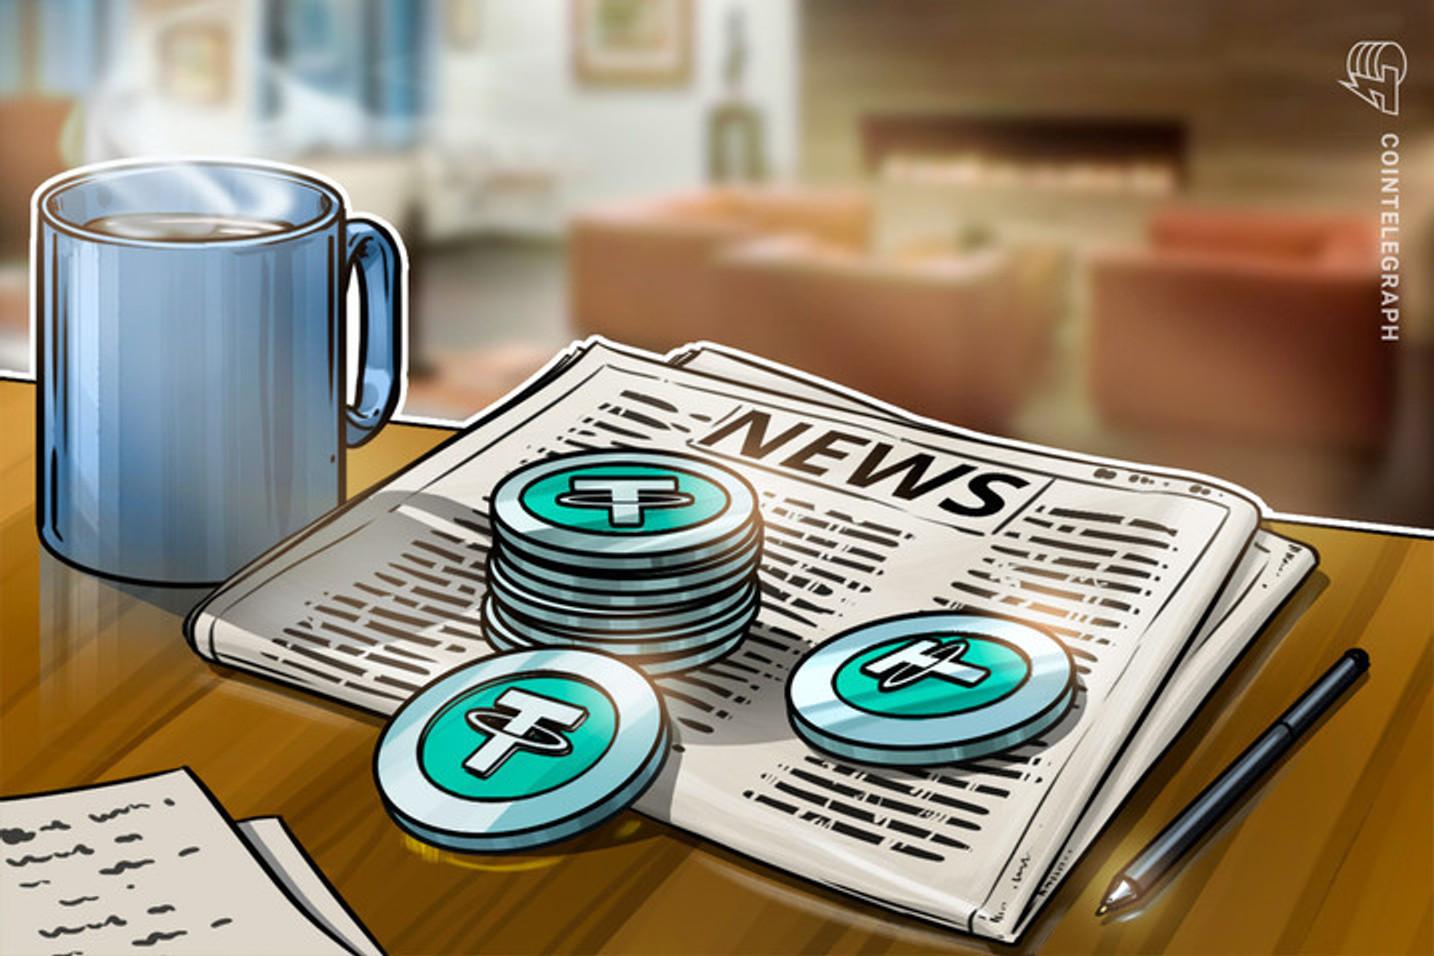 Paxful se expande más allá de bitcoin y agrega tether a su plataforma